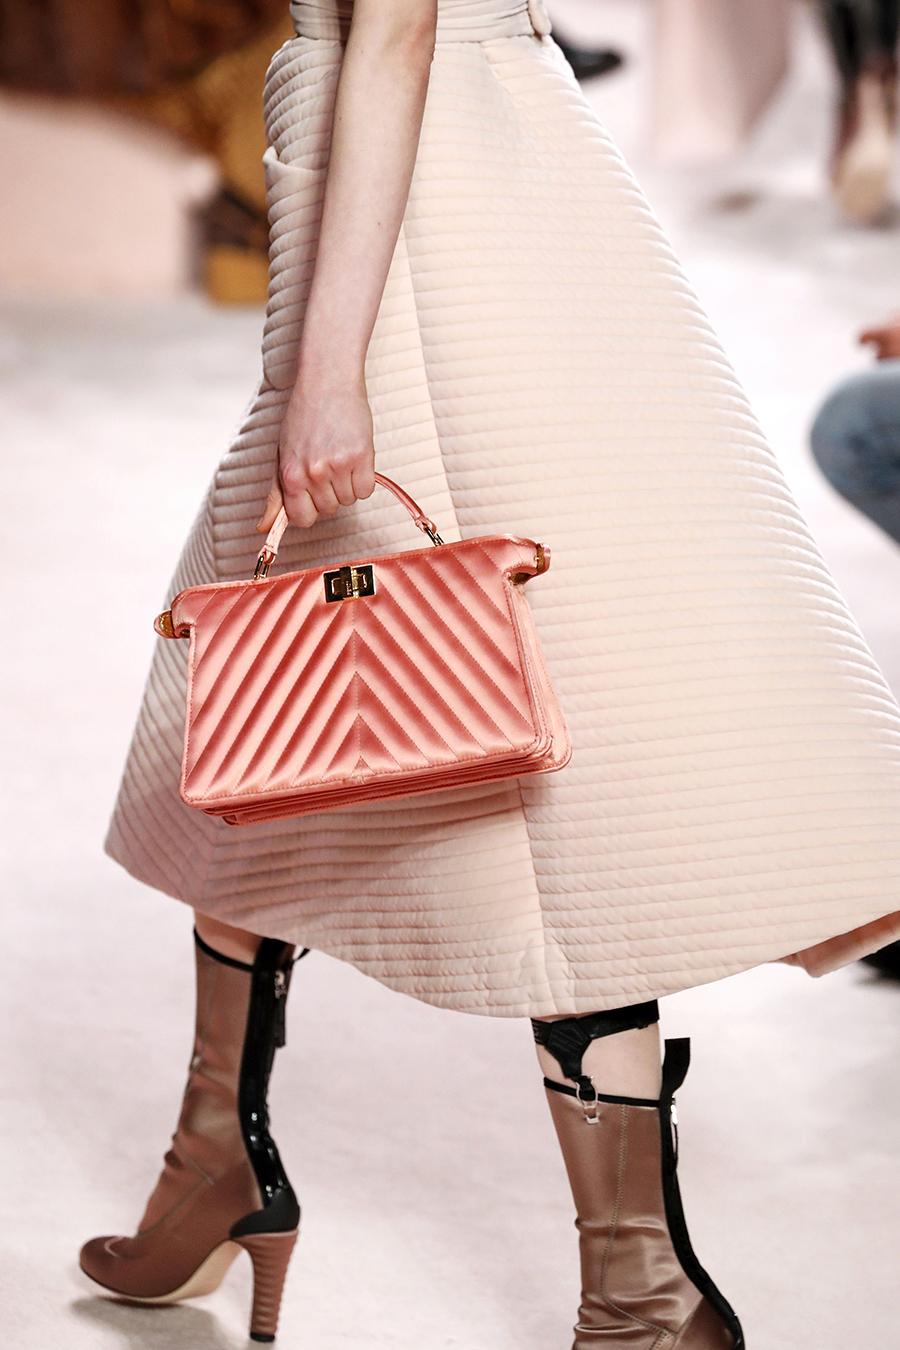 модная стеганая сумка осень зима 2020 2021 розовая пудровая на ручке